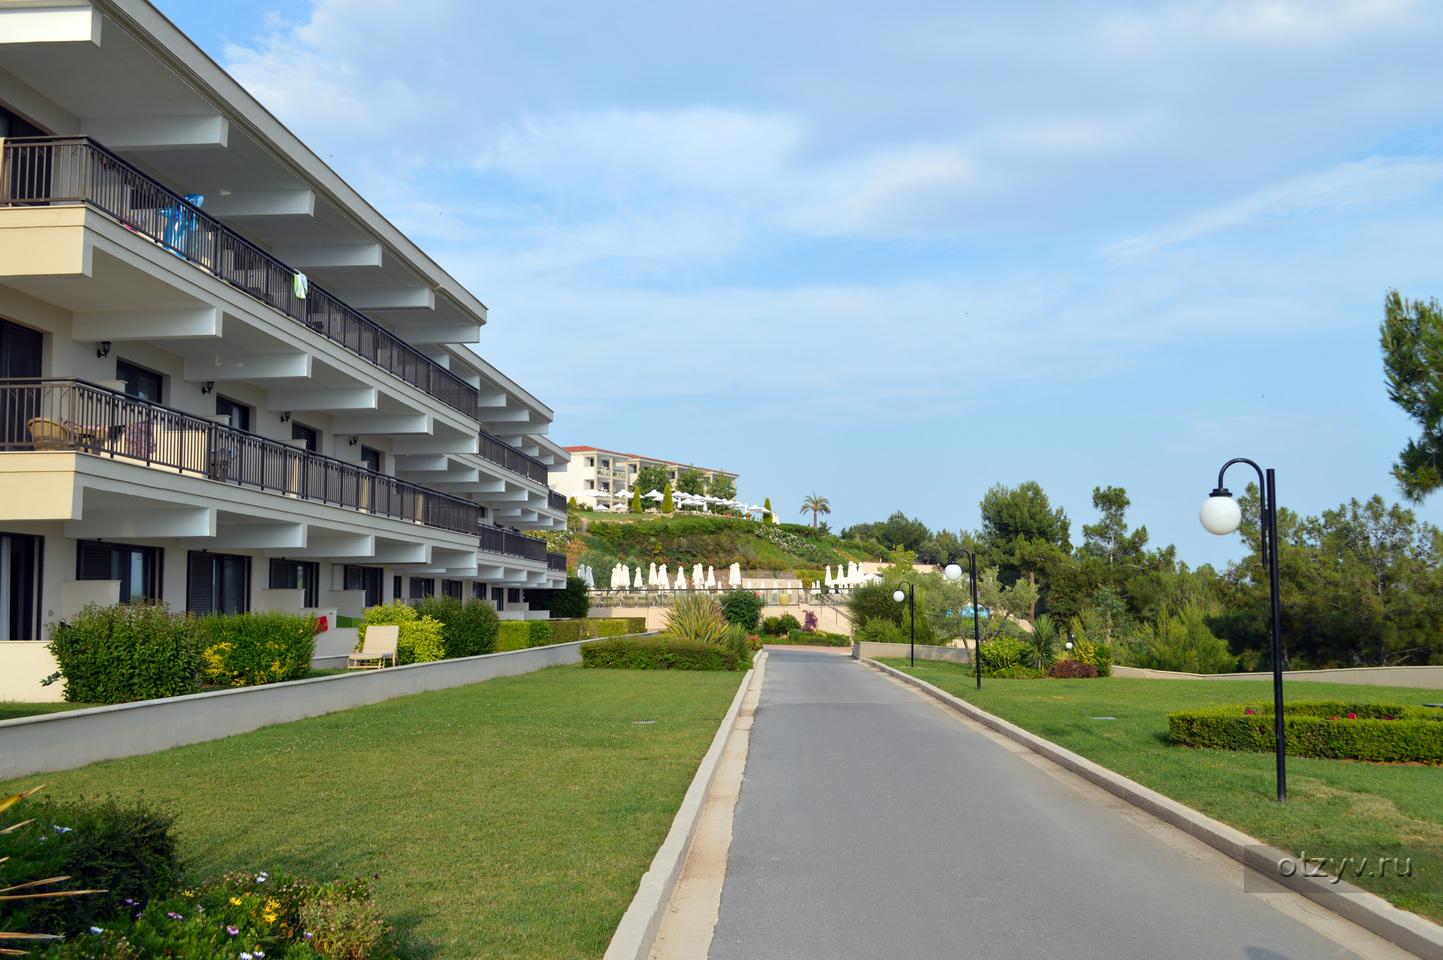 чёрное отель океания халкидики фото такого разреза очень